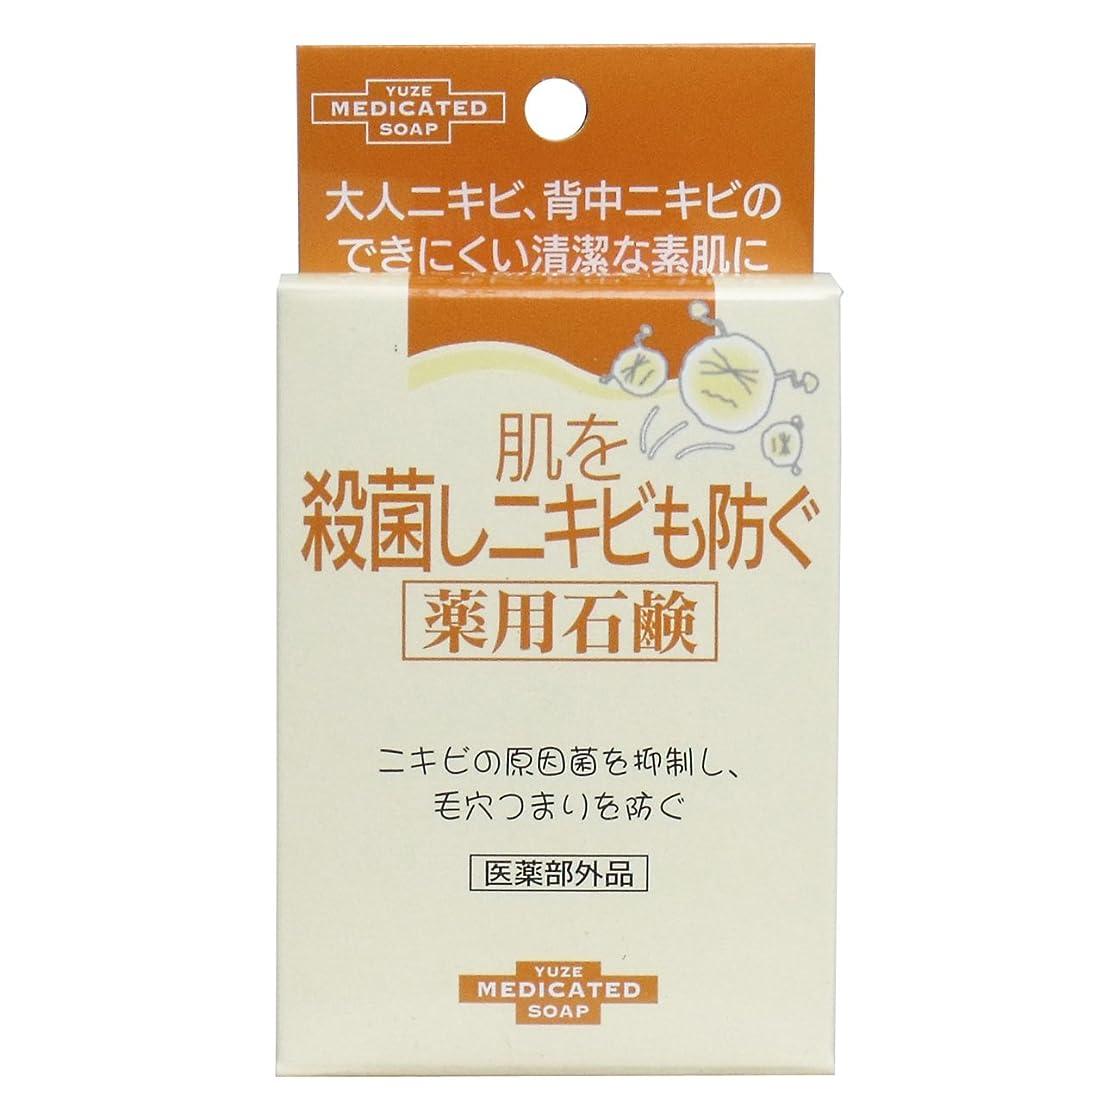 選挙におい売るユゼ 肌を殺菌しニキビも防ぐ薬用石鹸 (110g)